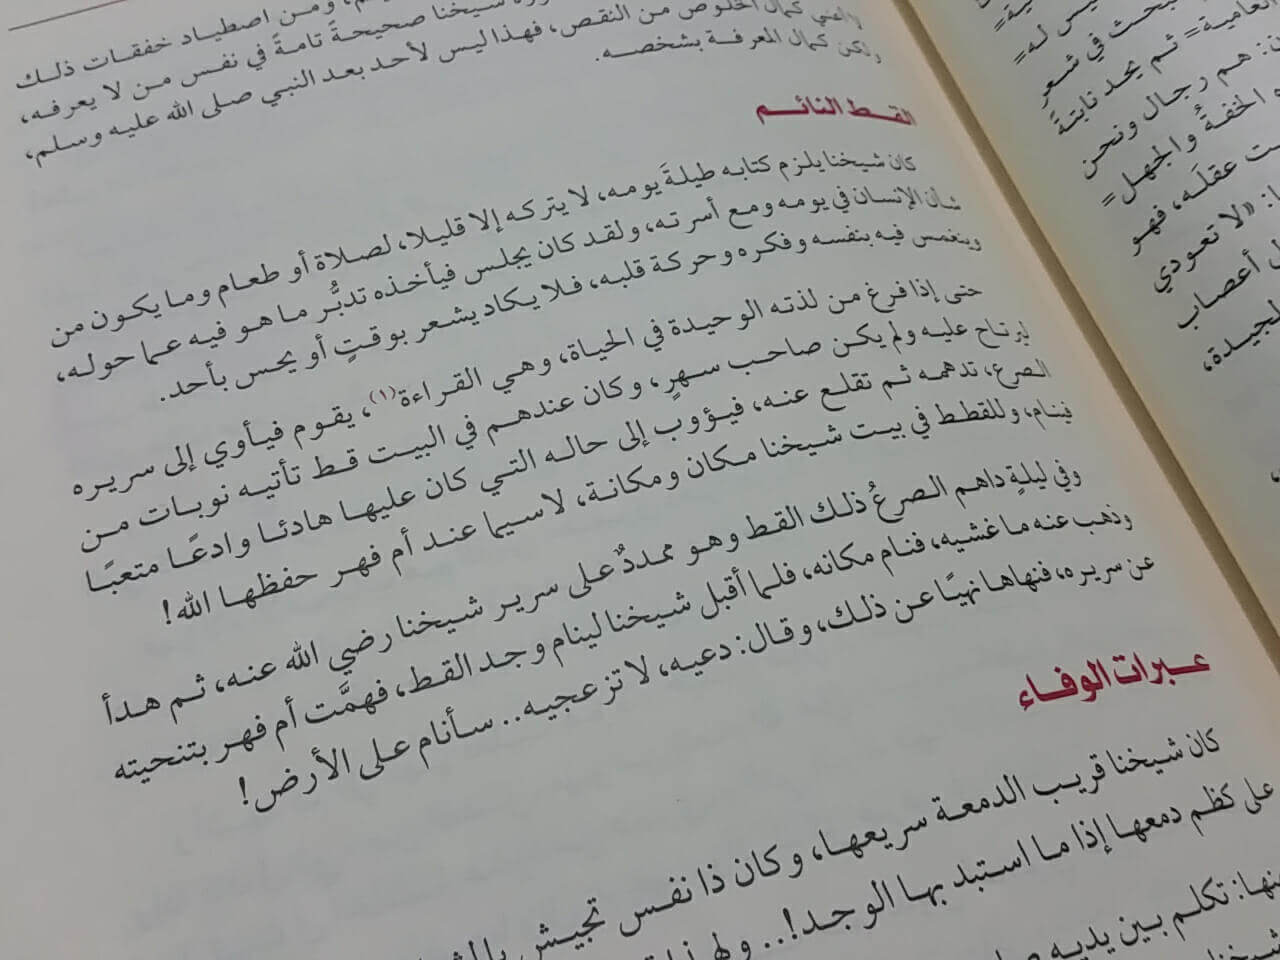 ظل النديم pdf تأليف وجدان العلي في سيرة الشيخ محمود محمد شاكر 1